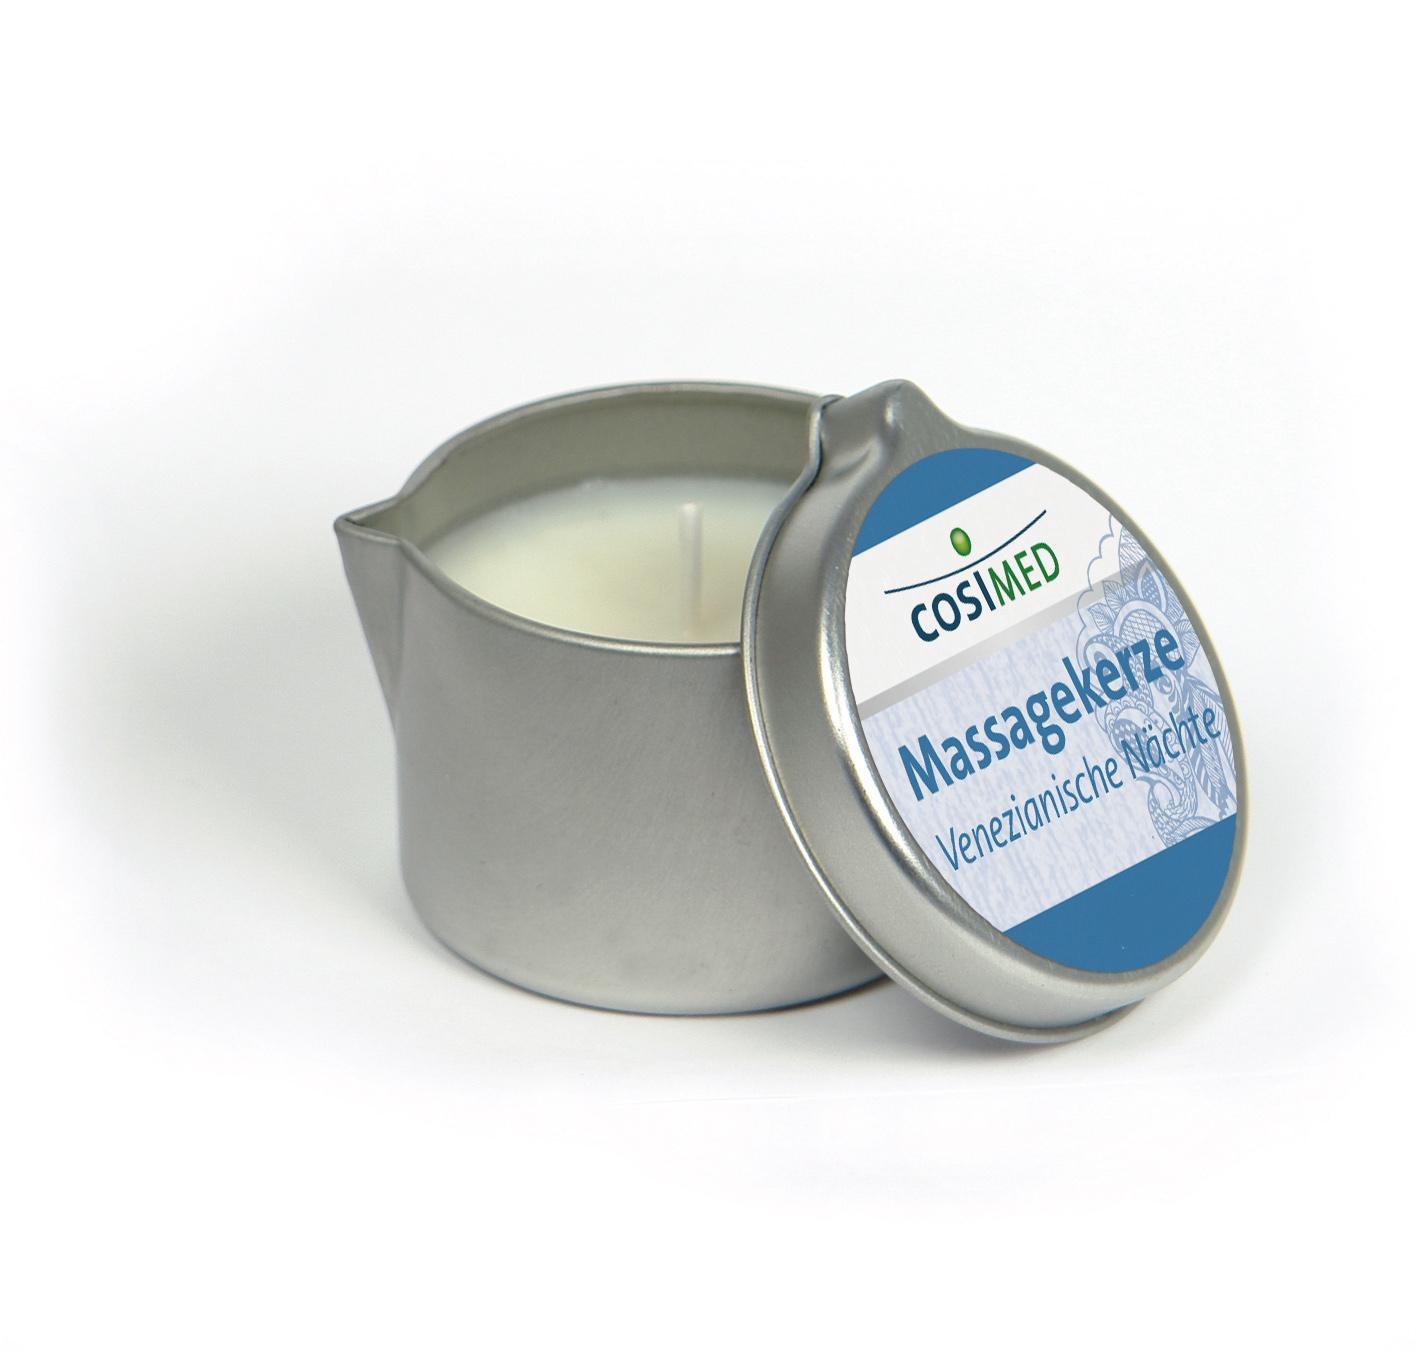 Massagekerze Venezianische Nacht 92 g